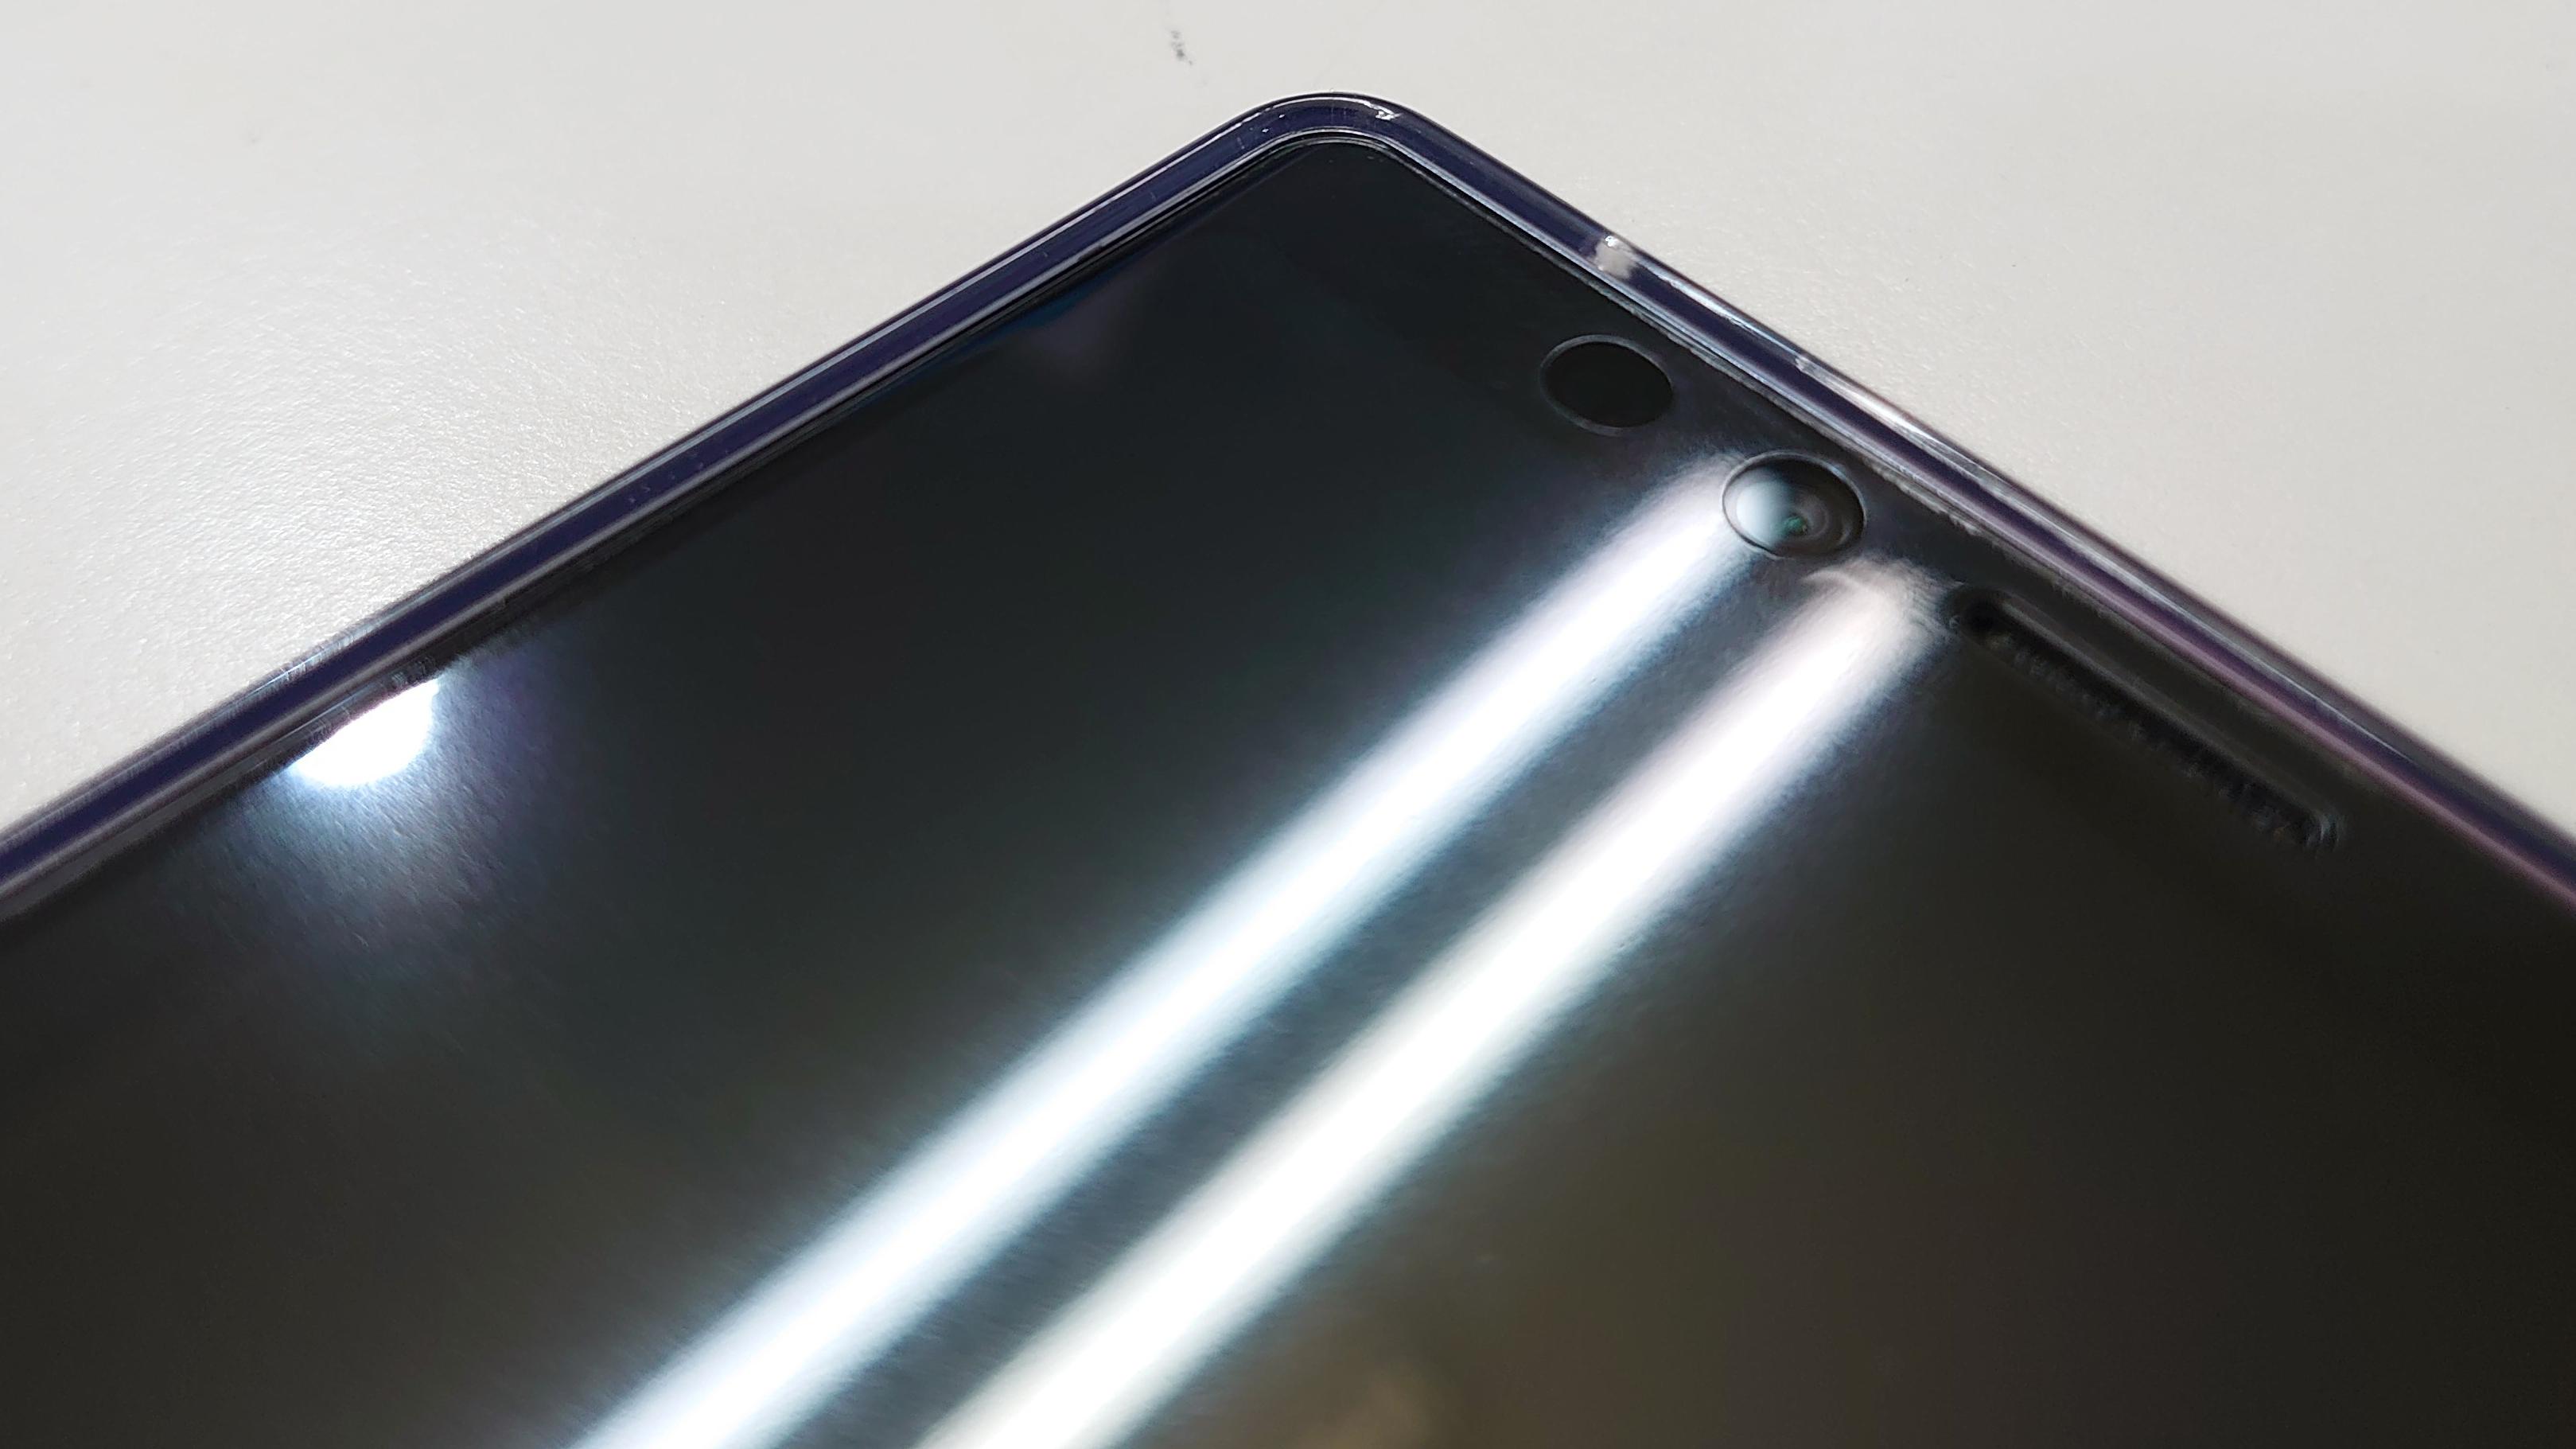 「開箱分享」日系手機配件RASTA BANANA,Xperia 1兼顧美型外觀及手機保護一次滿足 - 6